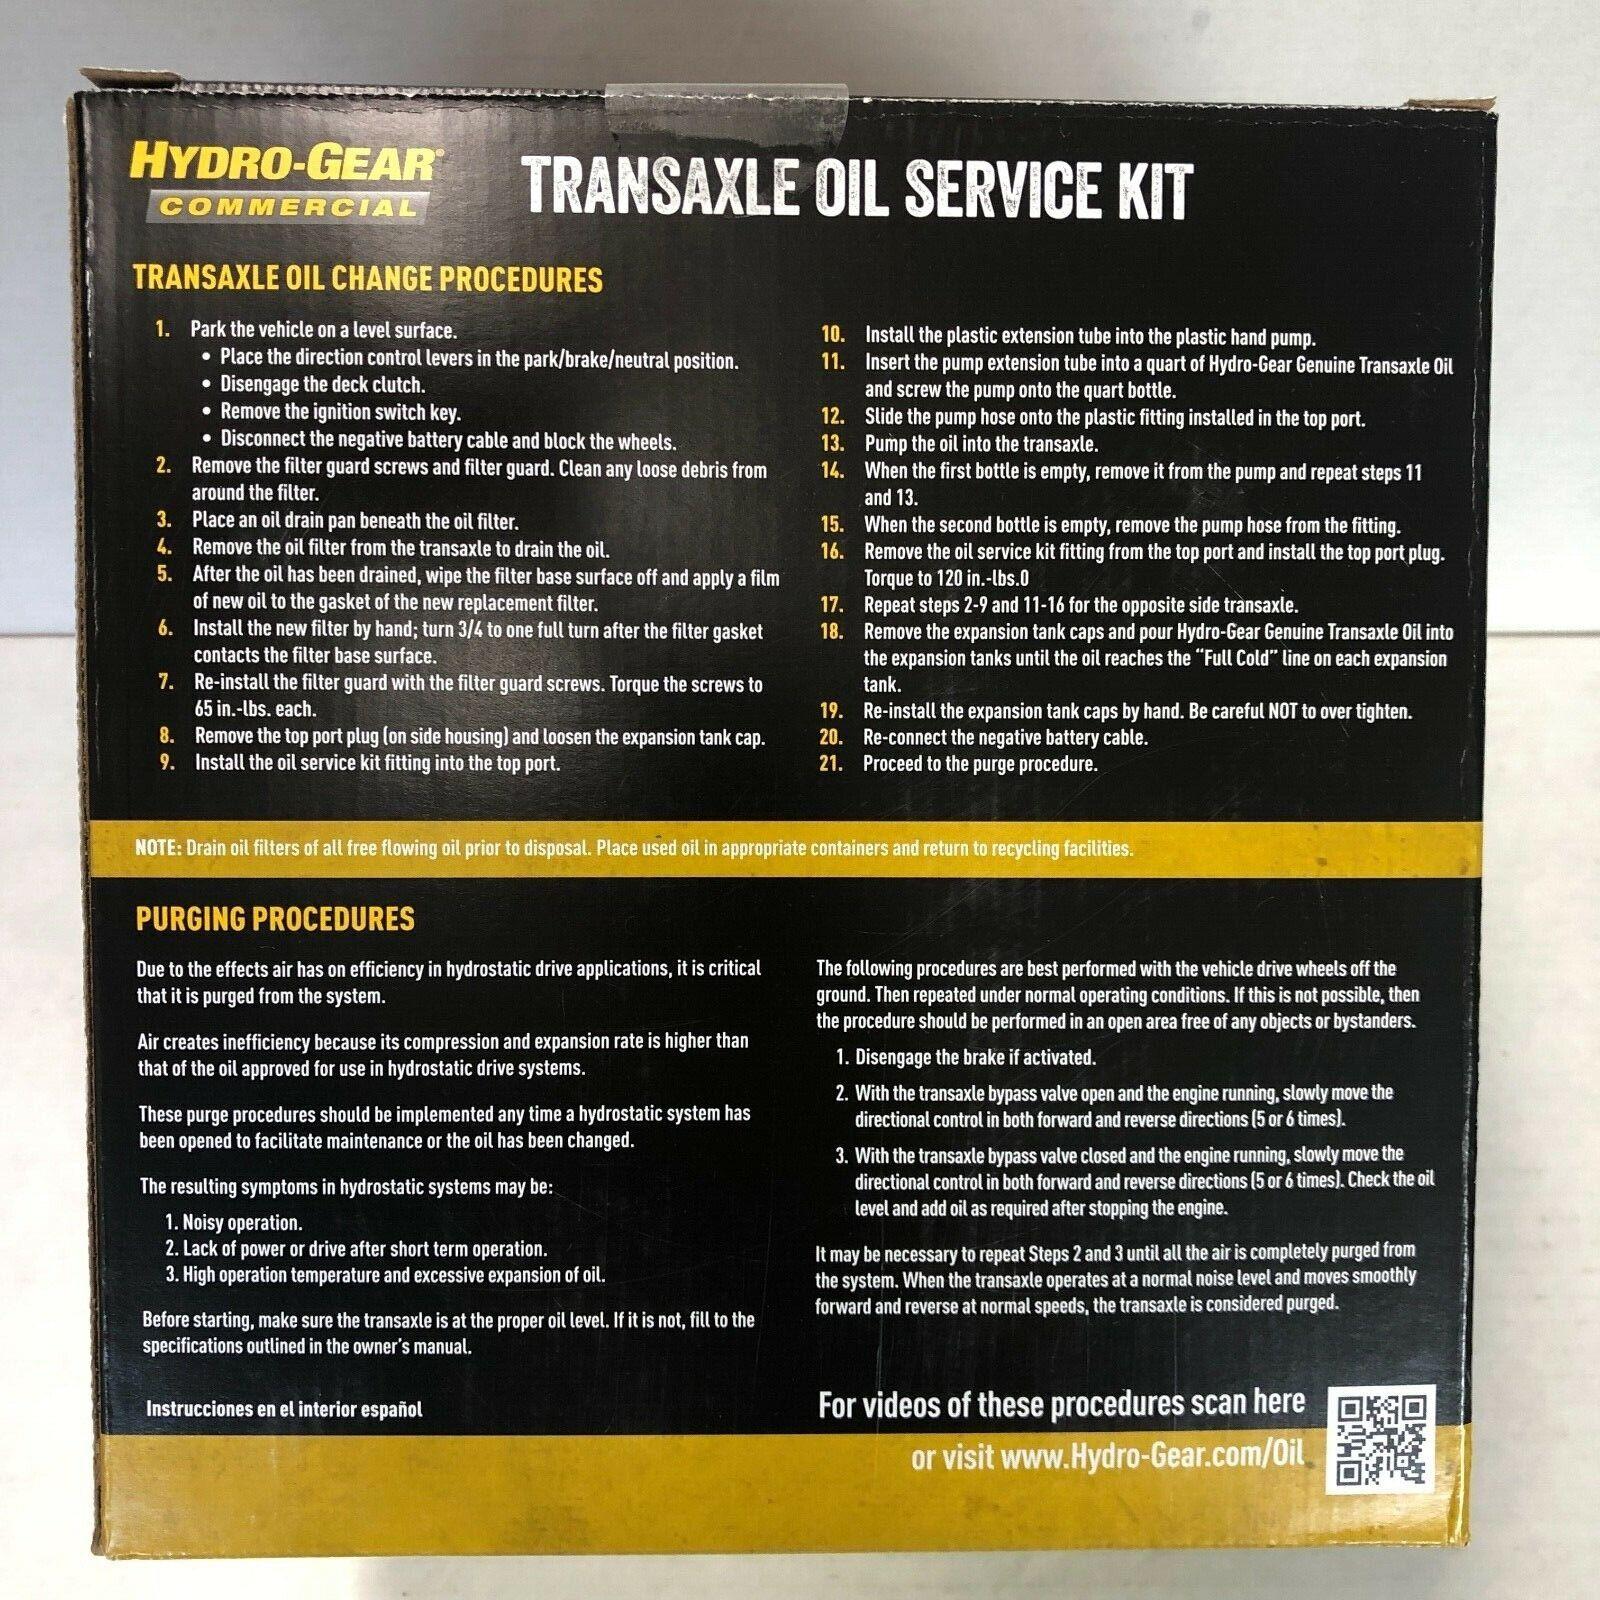 Hydro Gear 72750 Transaxle Oil Service Kit for sale online | eBay